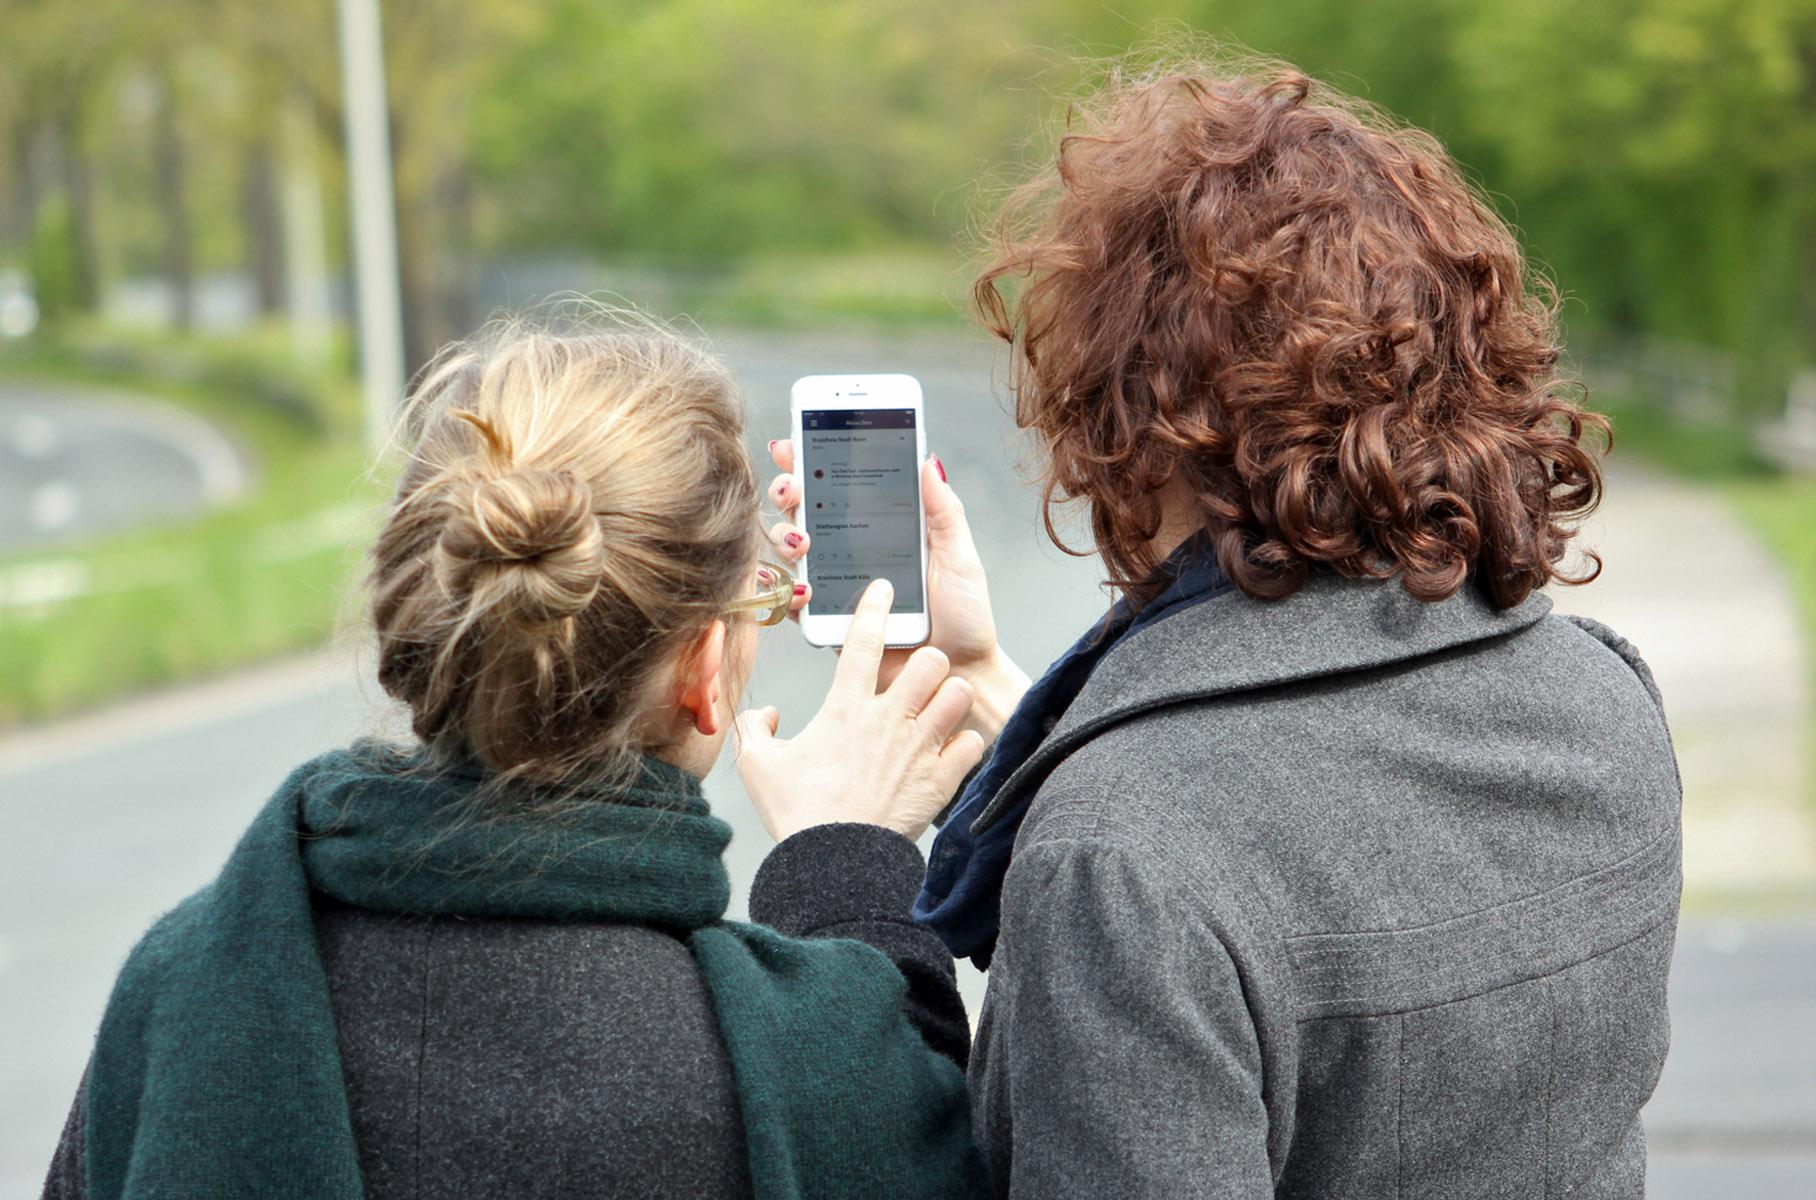 Zwei Frauen schauen sich die Warn-App NINA auf einem Smartphone an.